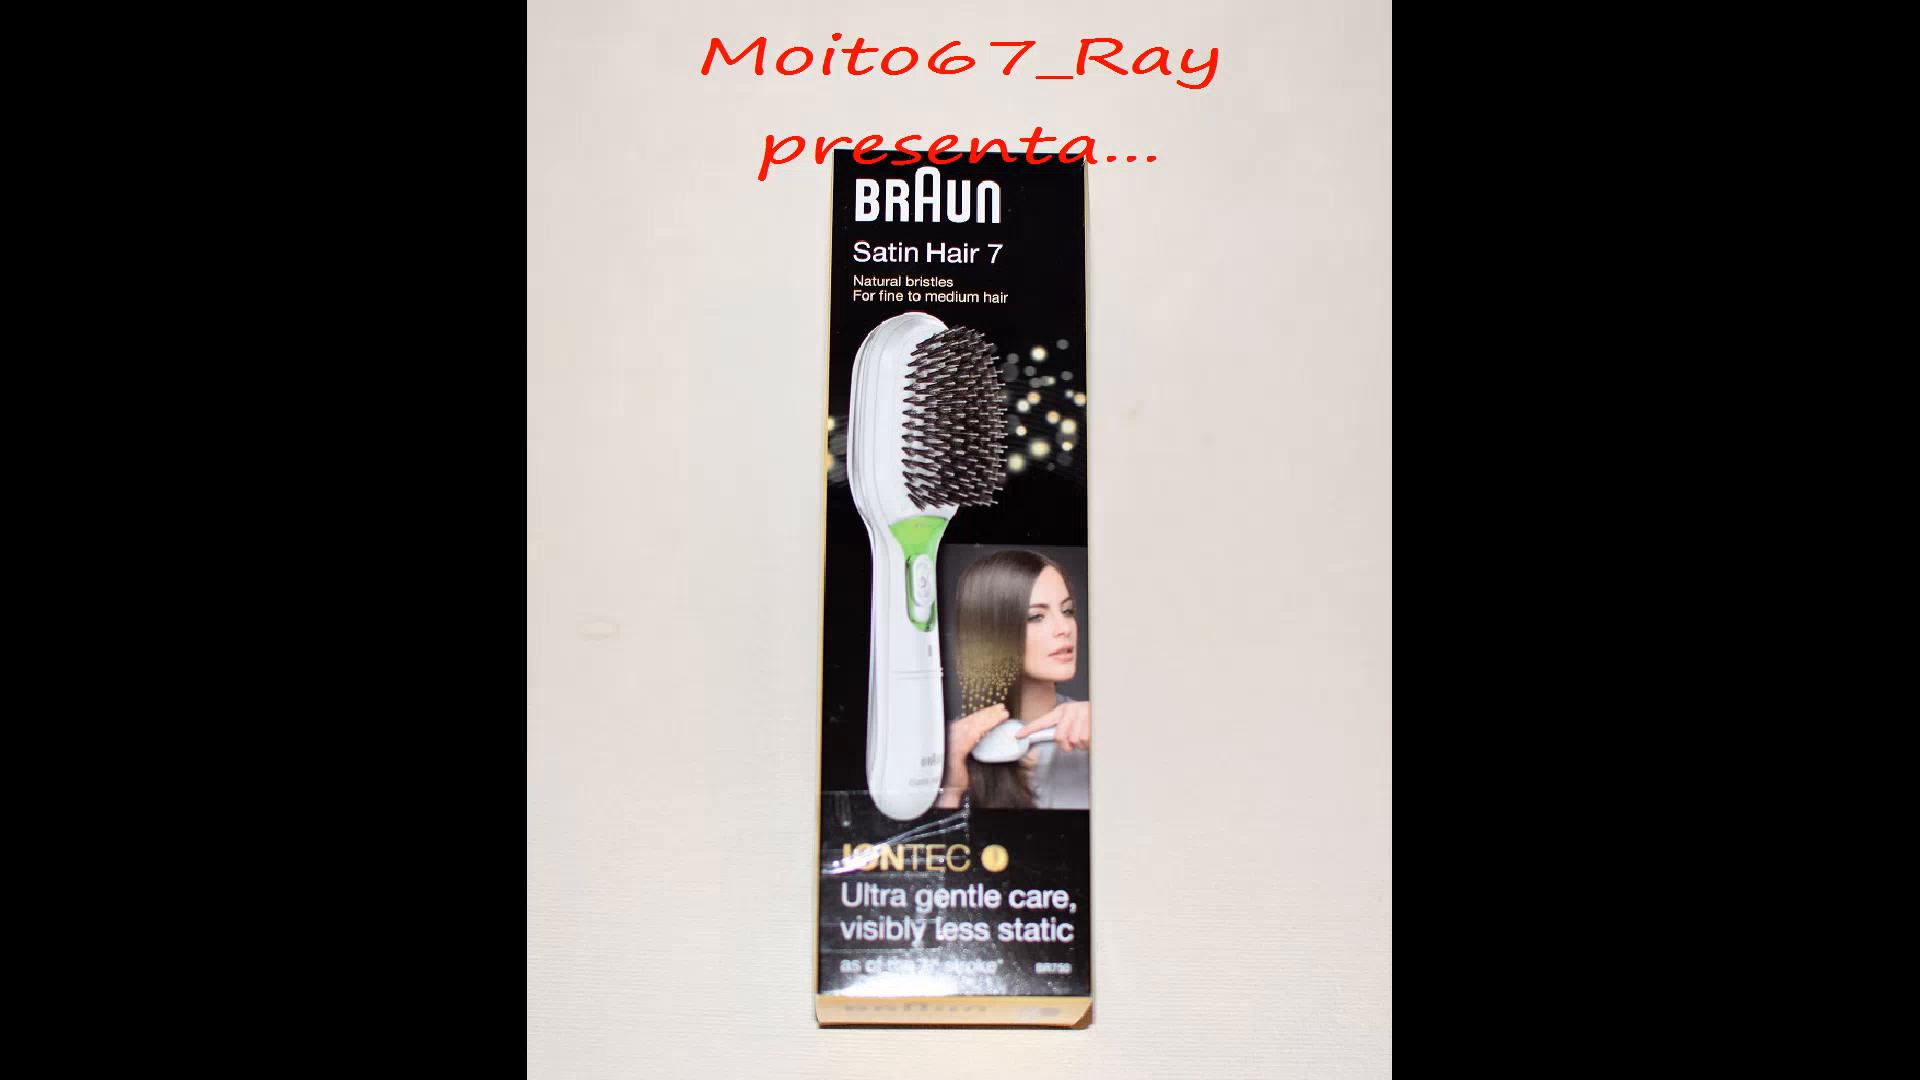 Amazon.es:Opiniones de clientes: Braun Satin Hair 7 BR750 - Cepillo de pelo con cerdas naturales, cepillo alisador de pelo con tecnología iónica para ...